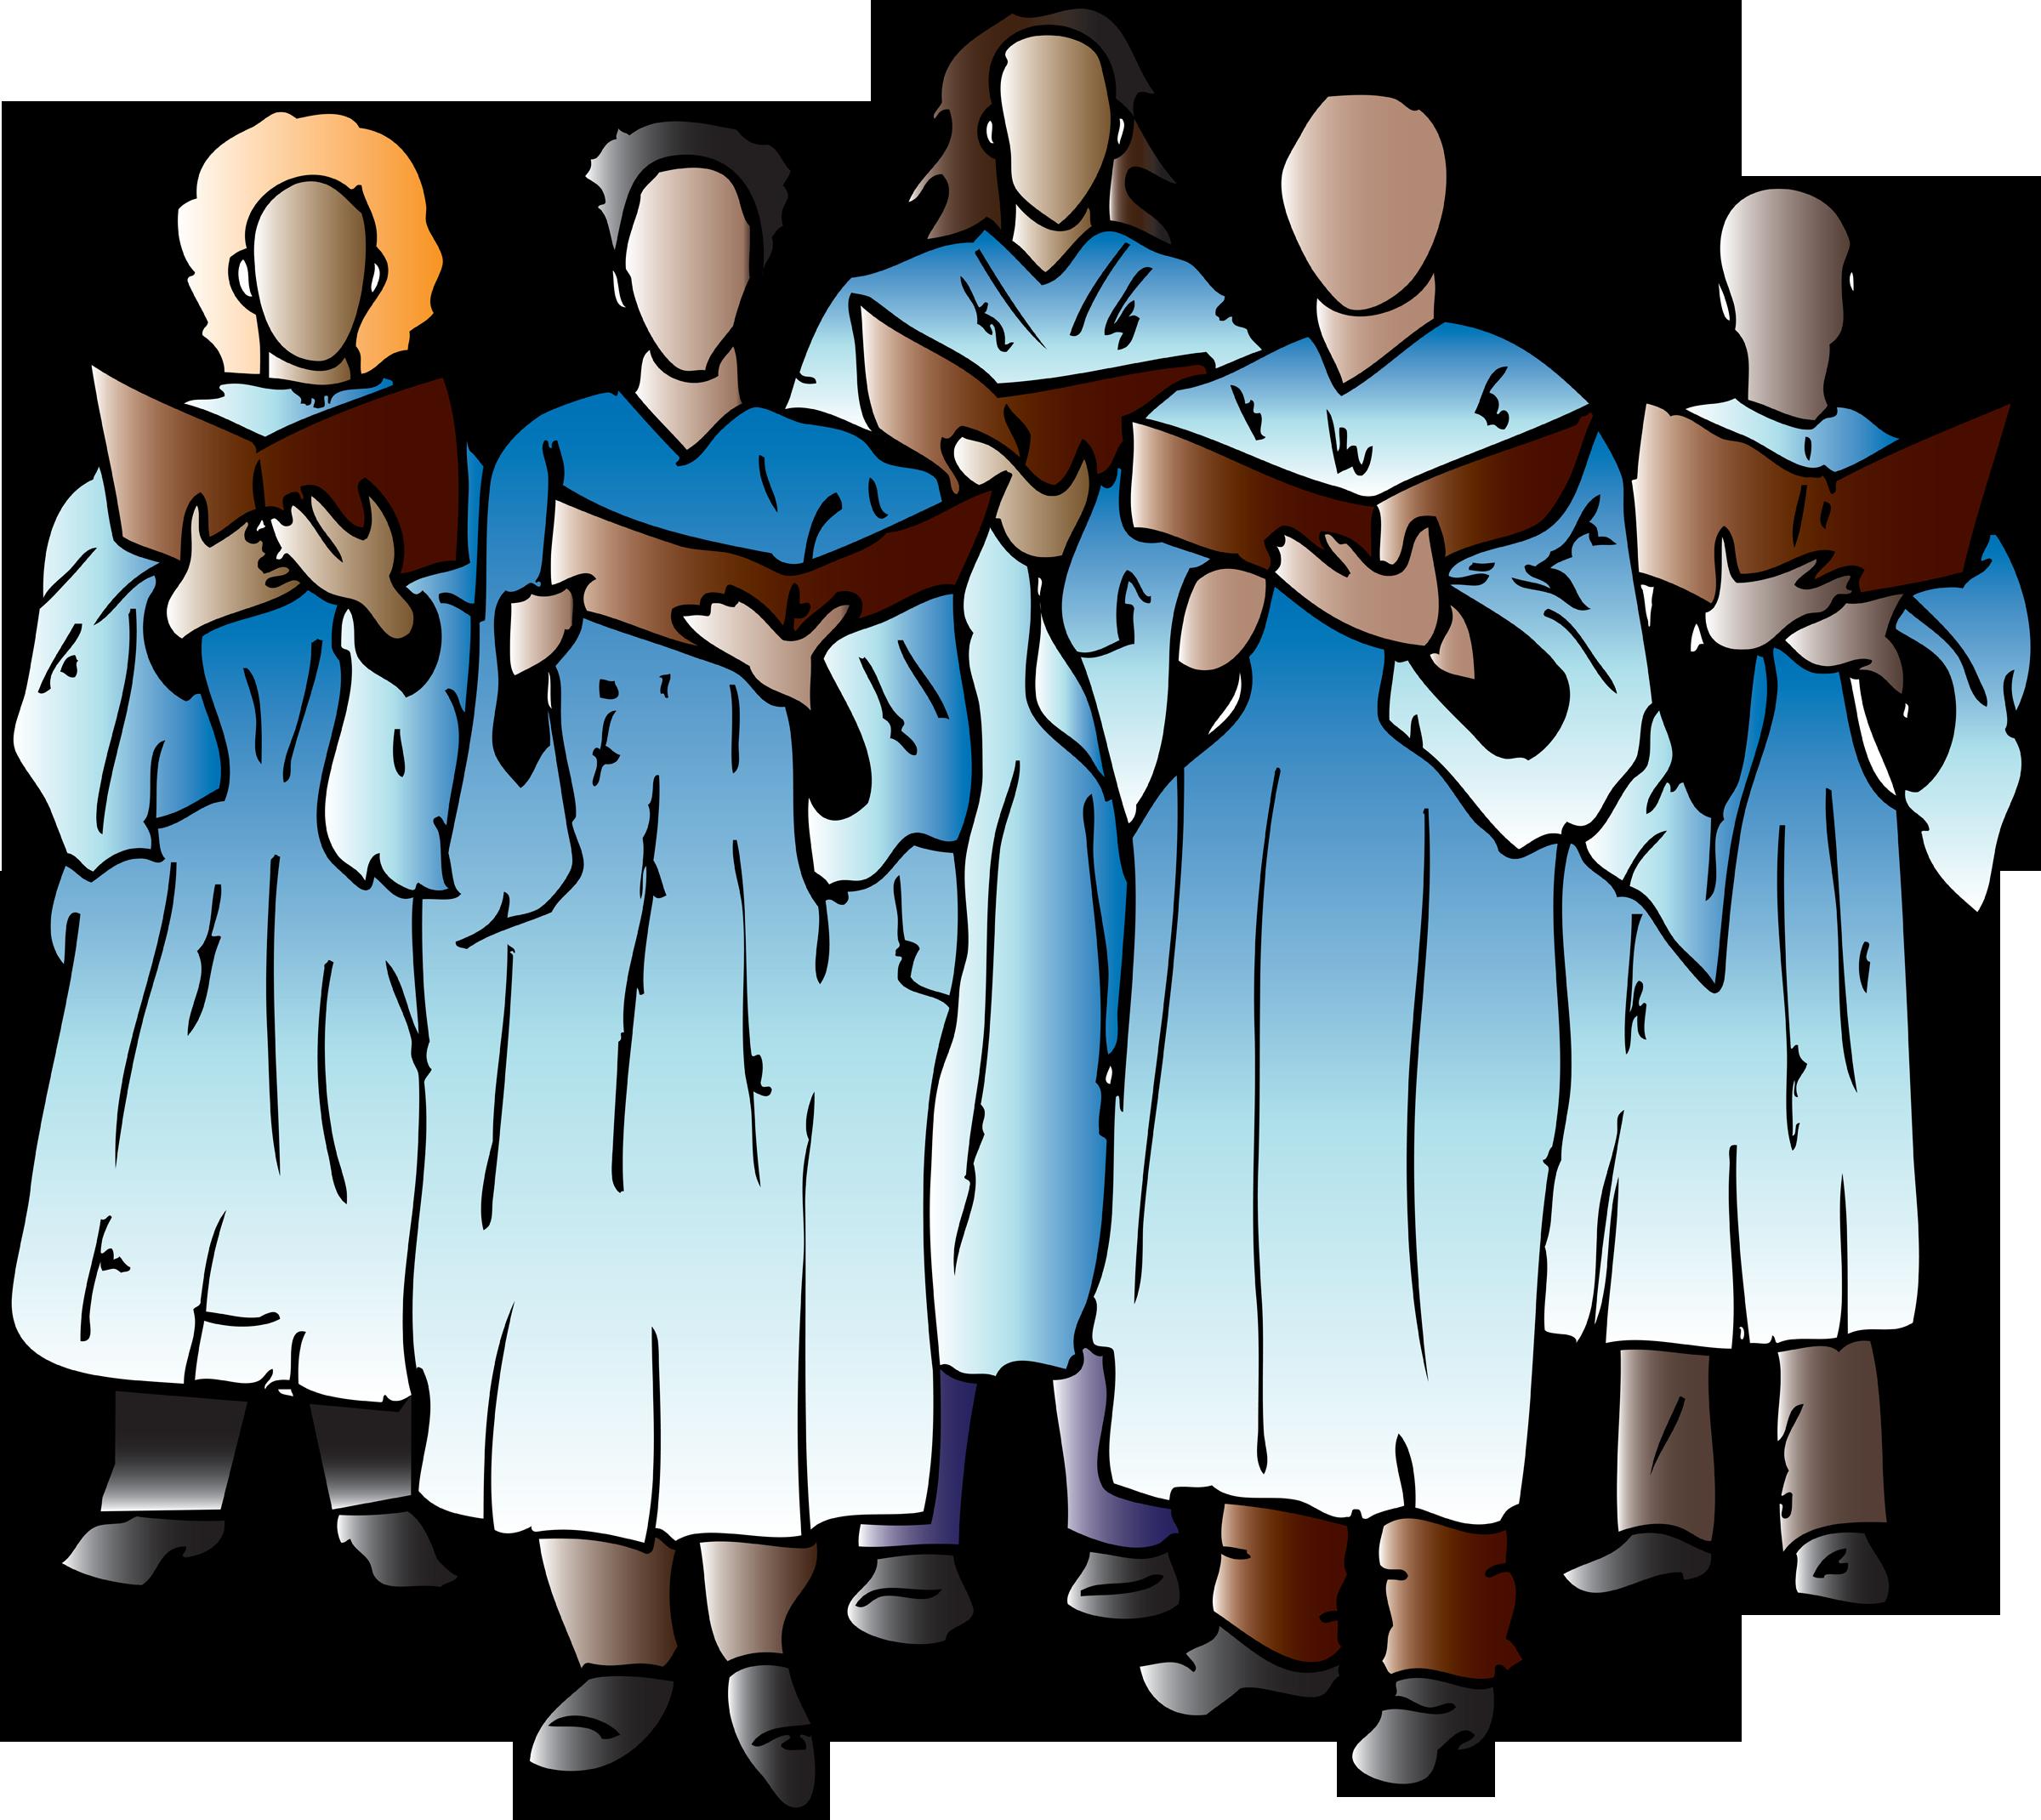 church singers clipart -#main